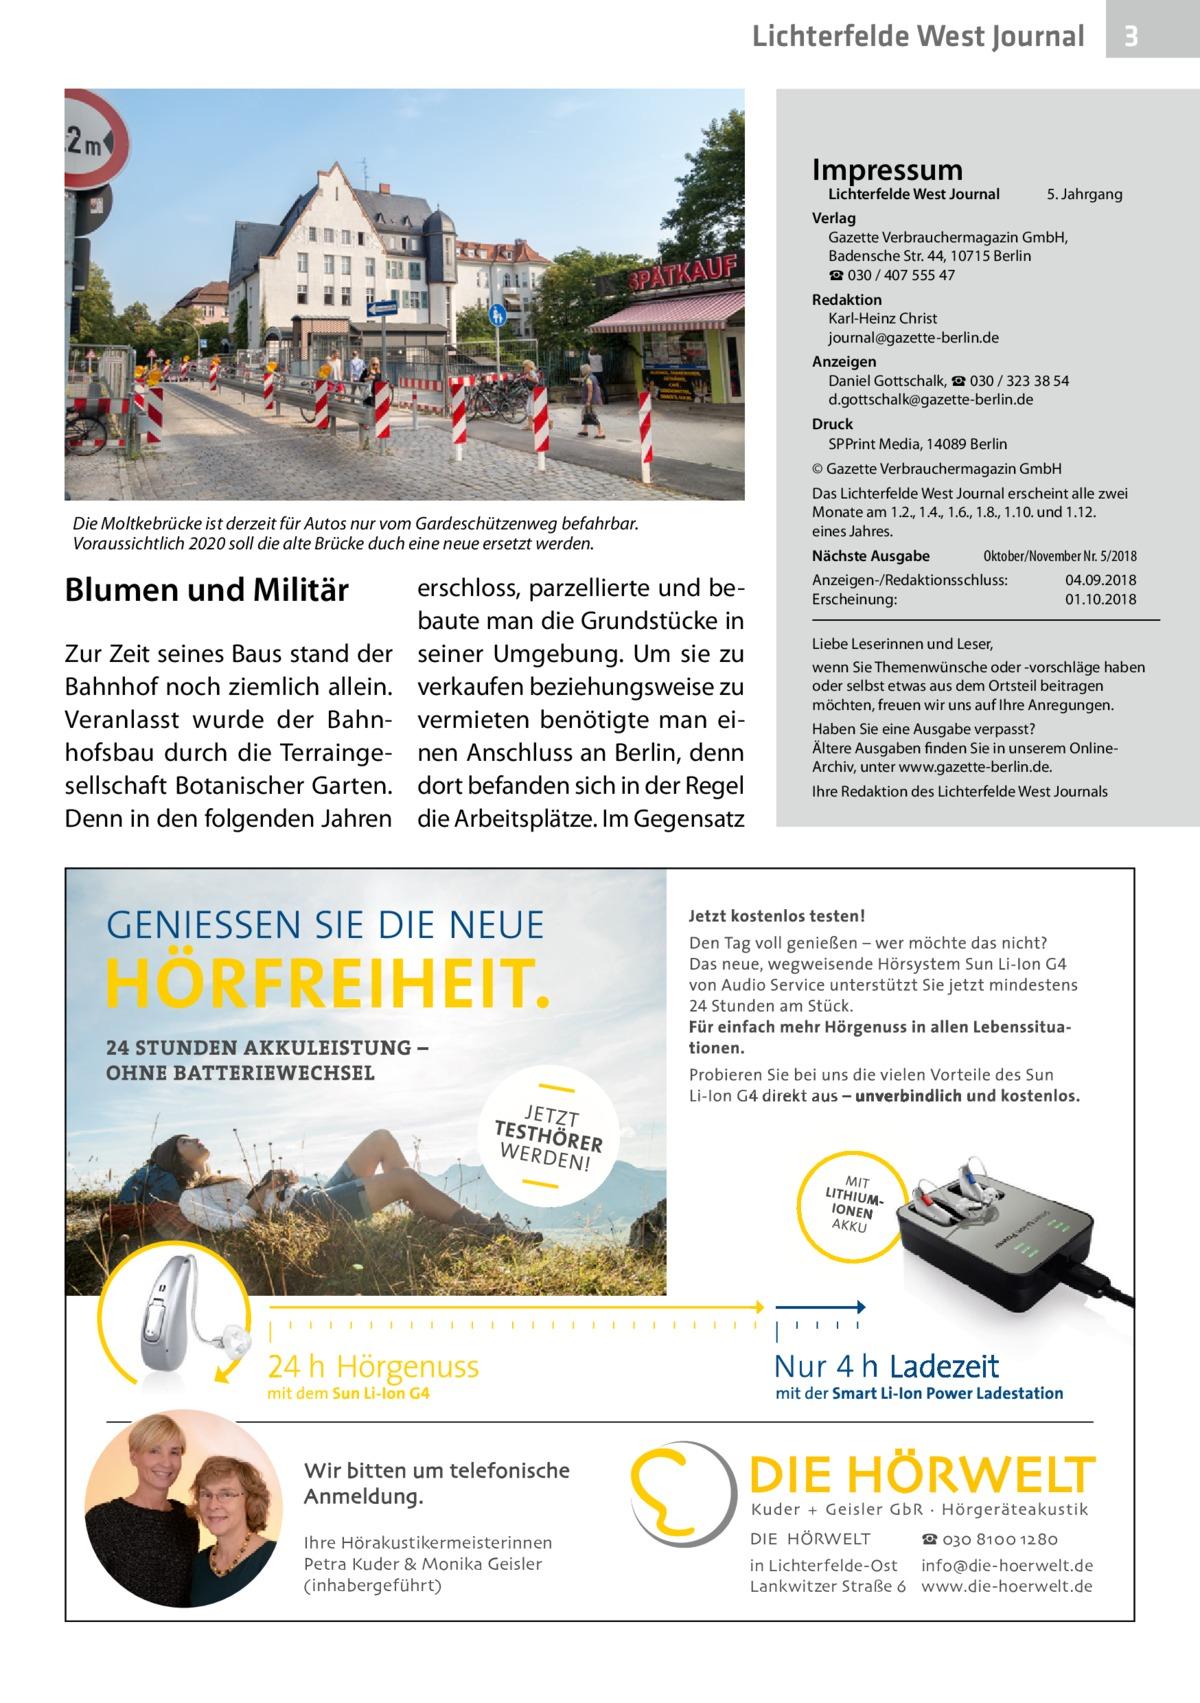 Lichterfelde West Journal  Impressum  Lichterfelde West Journal  3  5. Jahrgang  Verlag Gazette Verbrauchermagazin GmbH, BadenscheStr.44, 10715Berlin ☎ 030 / 407 555 47 Redaktion Karl-Heinz Christ journal@gazette-berlin.de Anzeigen Daniel Gottschalk, ☎ 030 / 323 38 54 d.gottschalk@gazette-berlin.de Druck SPPrint Media, 14089 Berlin © Gazette Verbrauchermagazin GmbH  Die Moltkebrücke ist derzeit für Autos nur vom Gardeschützenweg befahrbar. Voraussichtlich 2020 soll die alte Brücke duch eine neue ersetzt werden.  Blumen und Militär Zur Zeit seines Baus stand der Bahnhof noch ziemlich allein. Veranlasst wurde der Bahnhofsbau durch die Terraingesellschaft Botanischer Garten. Denn in den folgenden Jahren  erschloss, parzellierte und bebaute man die Grundstücke in seiner Umgebung. Um sie zu verkaufen beziehungsweise zu vermieten benötigte man einen Anschluss an Berlin, denn dort befanden sich in der Regel die Arbeitsplätze. Im Gegensatz  Das Lichterfelde West Journal erscheint alle zwei Monate am 1.2., 1.4., 1.6., 1.8., 1.10. und 1.12. eines Jahres. Nächste Ausgabe   Oktober/November Nr. 5/2018  Anzeigen-/Redaktionsschluss:04.09.2018 Erscheinung:01.10.2018 Liebe Leserinnen und Leser, wenn Sie Themenwünsche oder -vorschläge haben oder selbst etwas aus dem Ortsteil beitragen möchten, freuen wir uns auf Ihre Anregungen. Haben Sie eine Ausgabe verpasst? Ältere Ausgaben finden Sie in unserem OnlineArchiv, unter www.gazette-berlin.de. Ihre Redaktion des Lichterfelde West Journals  Wir bitten um telefonische Anmeldung. Ihre Hörakustikermeisterinnen Petra Kuder & Monika Geisler (inhabergeführt)  DIE HÖRWELT  ☎ 030 8100 1280  in Lichterfelde-Ost info@die-hoerwelt.de Lankwitzer Straße 6 www.die-hoerwelt.de